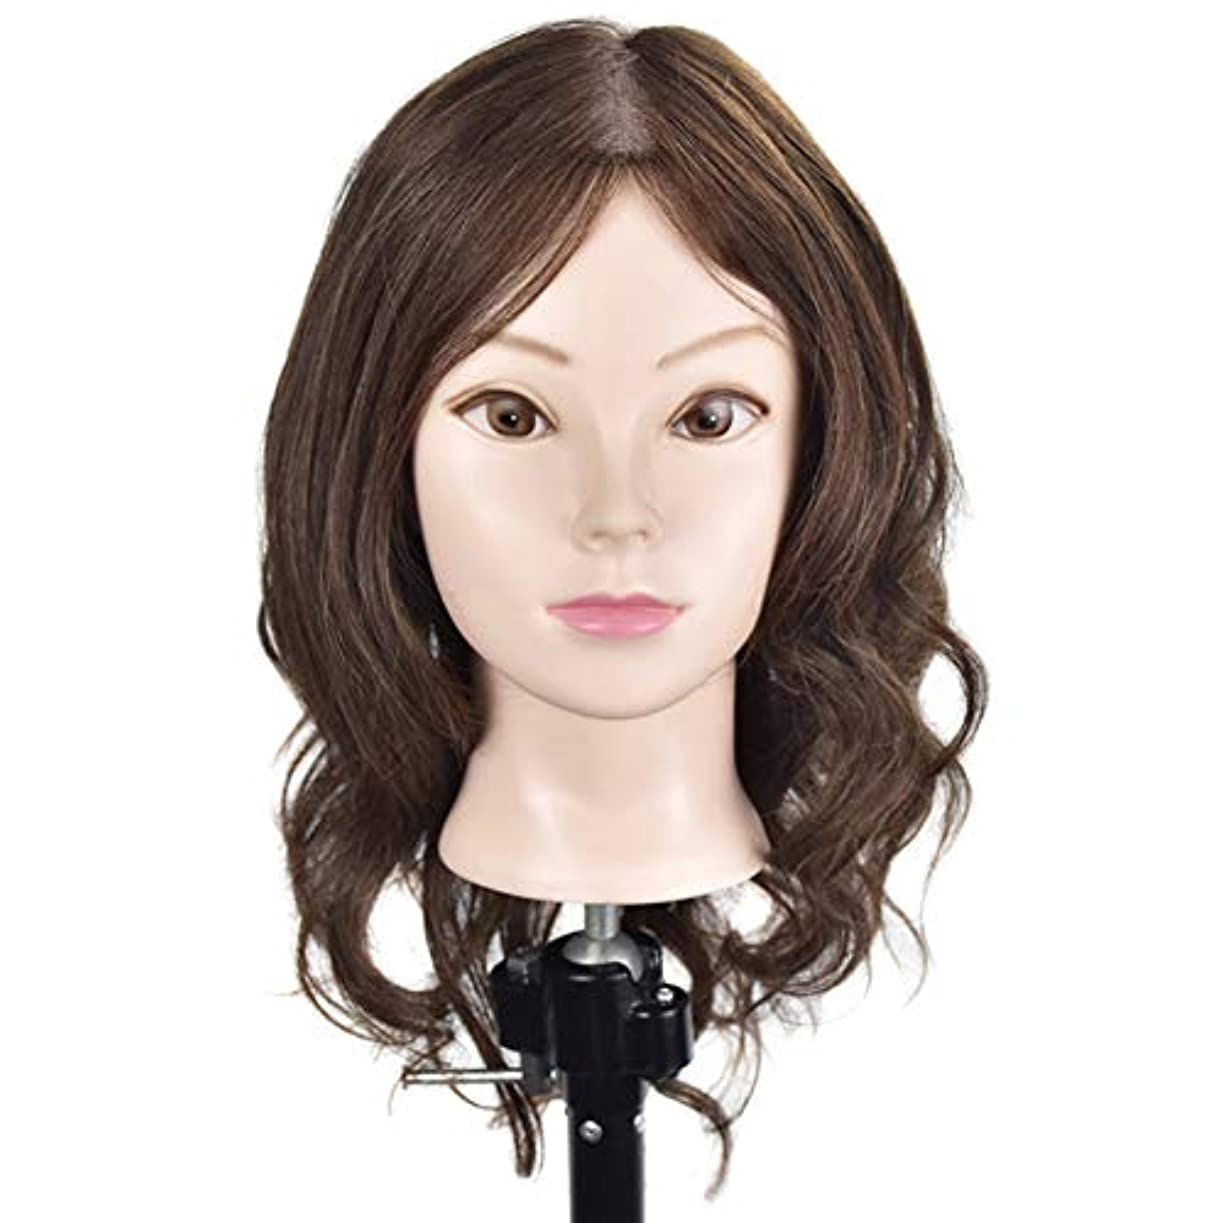 静的簡単な楽な専門の練習ホット染色漂白はさみモデリングマネキン髪編組髪かつら女性モデルティーチングヘッド